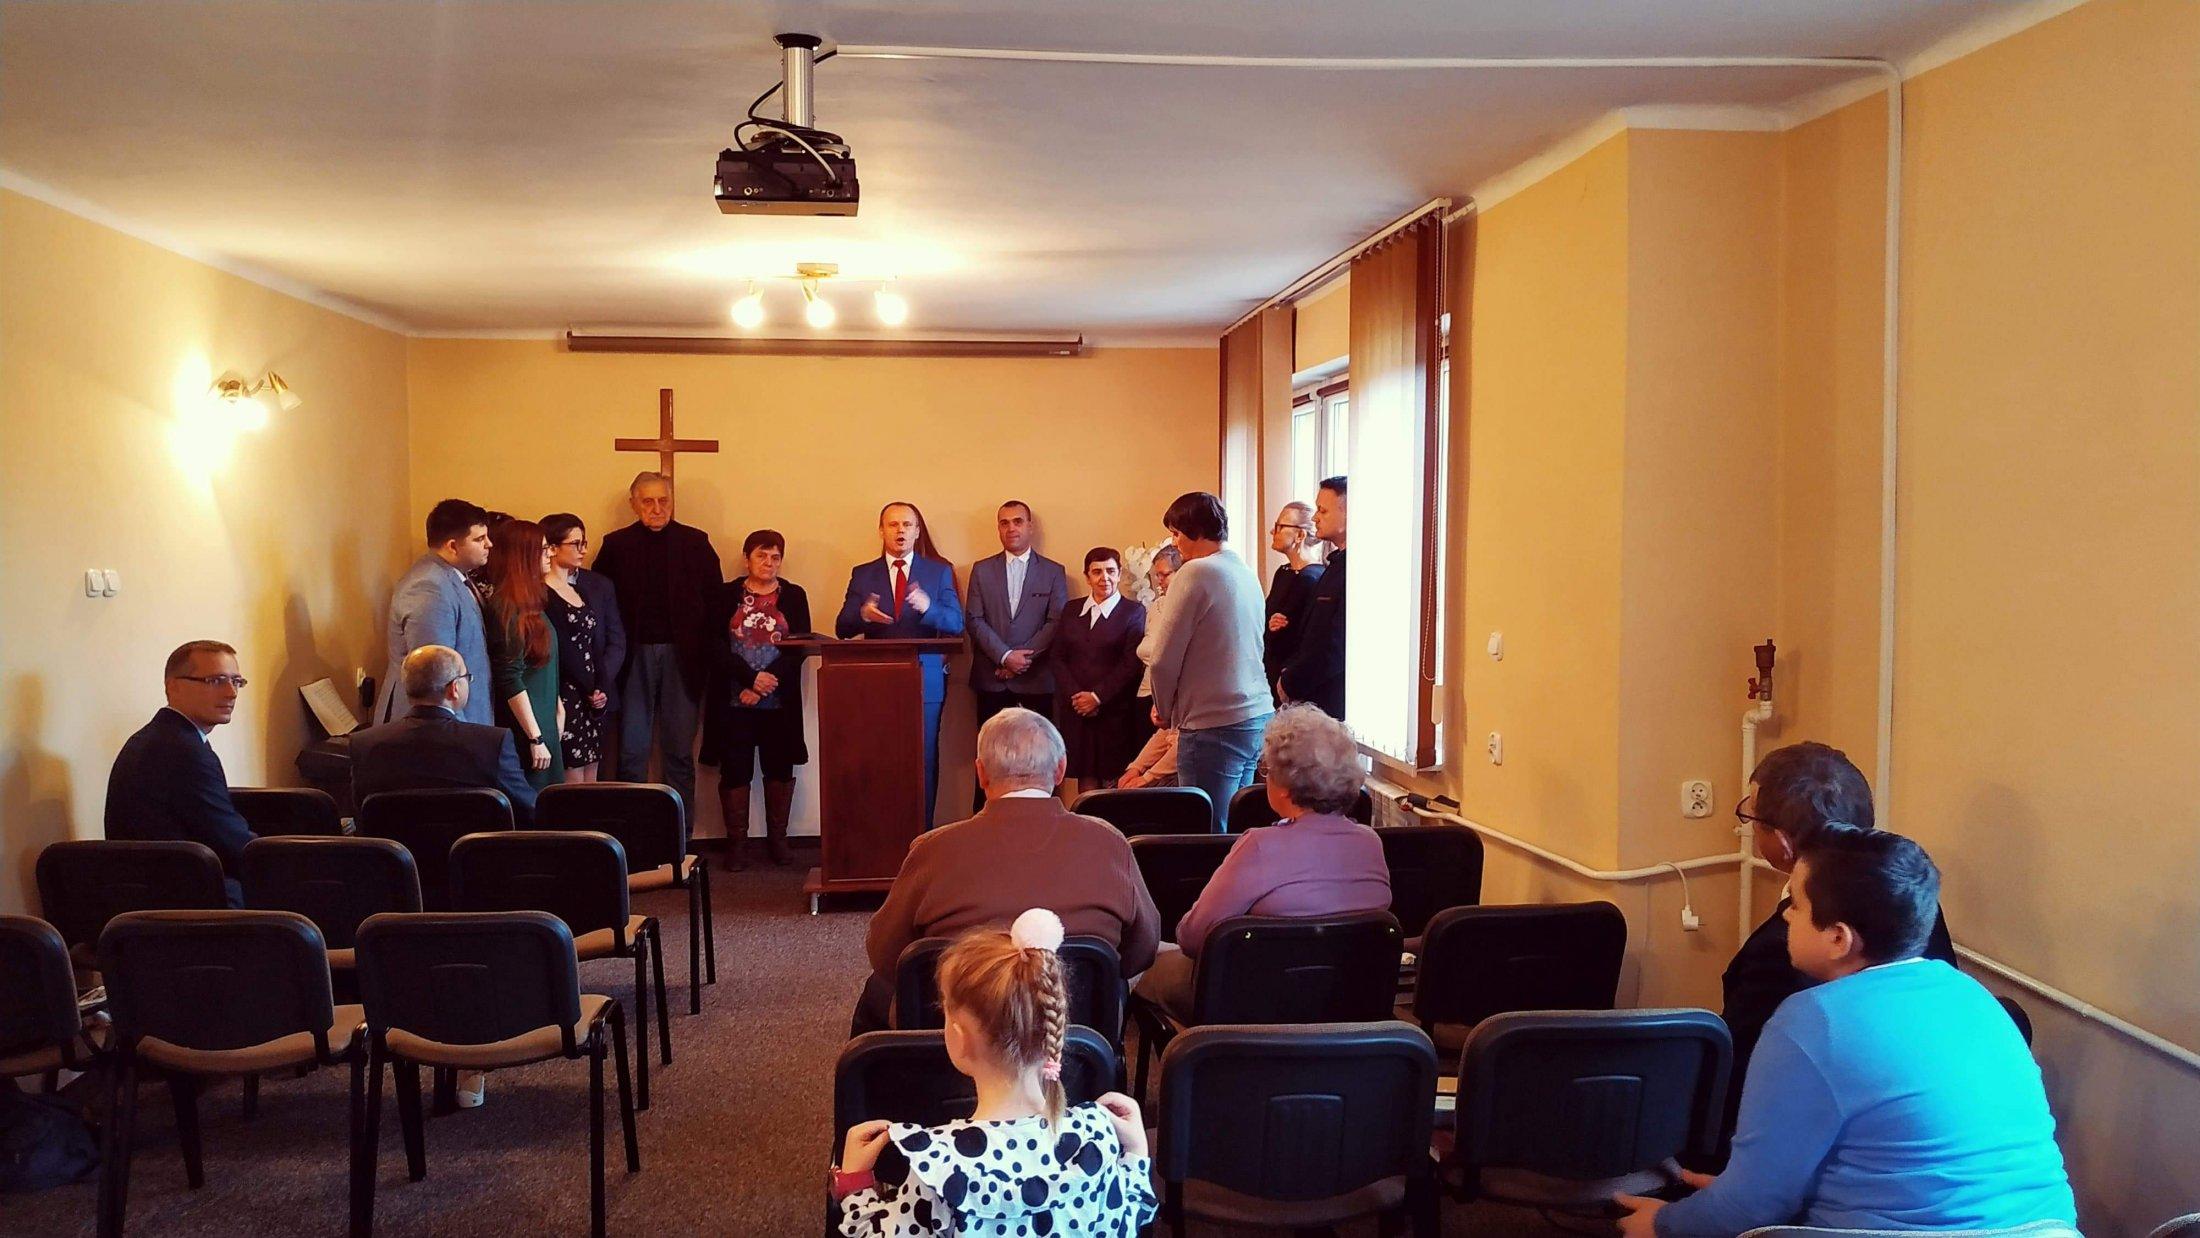 Oficjalne wyczytanie listy członków zboru w Siedlcach